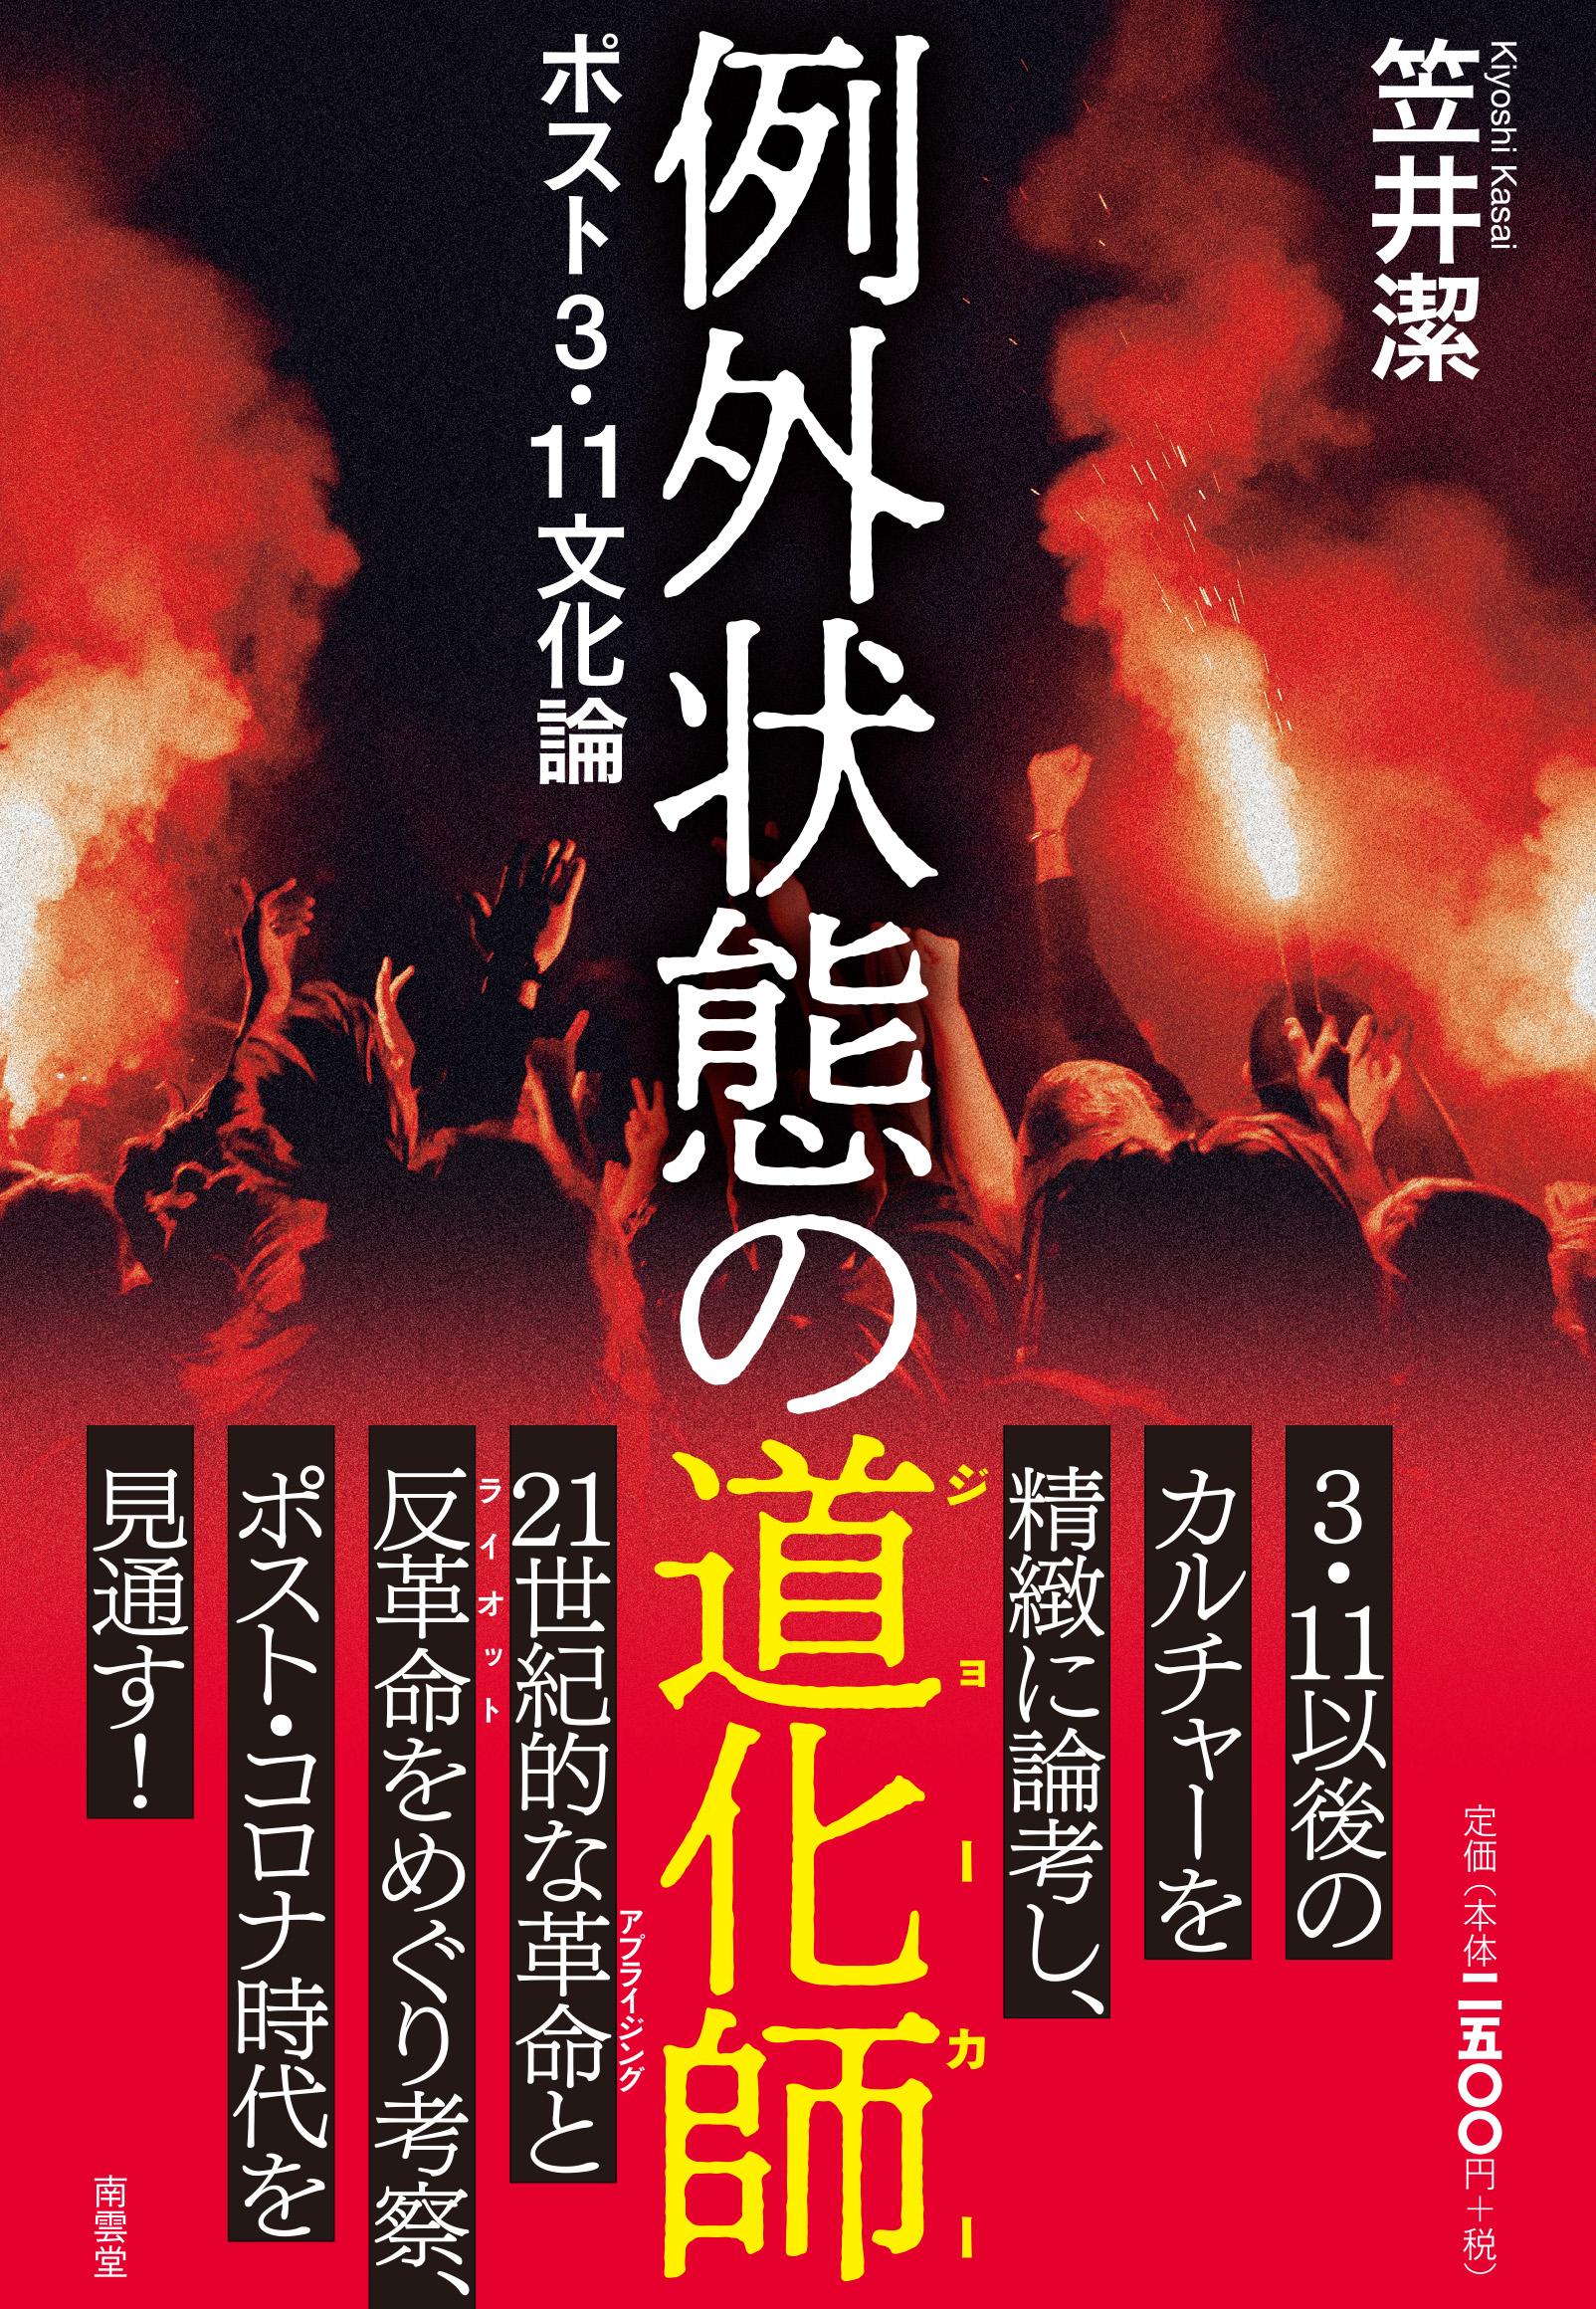 3・11以後のカルチャーを精緻に論考し、二一世紀的な革命と反革命をめぐり考察、ポスト・コロナ時代を見通す評論書